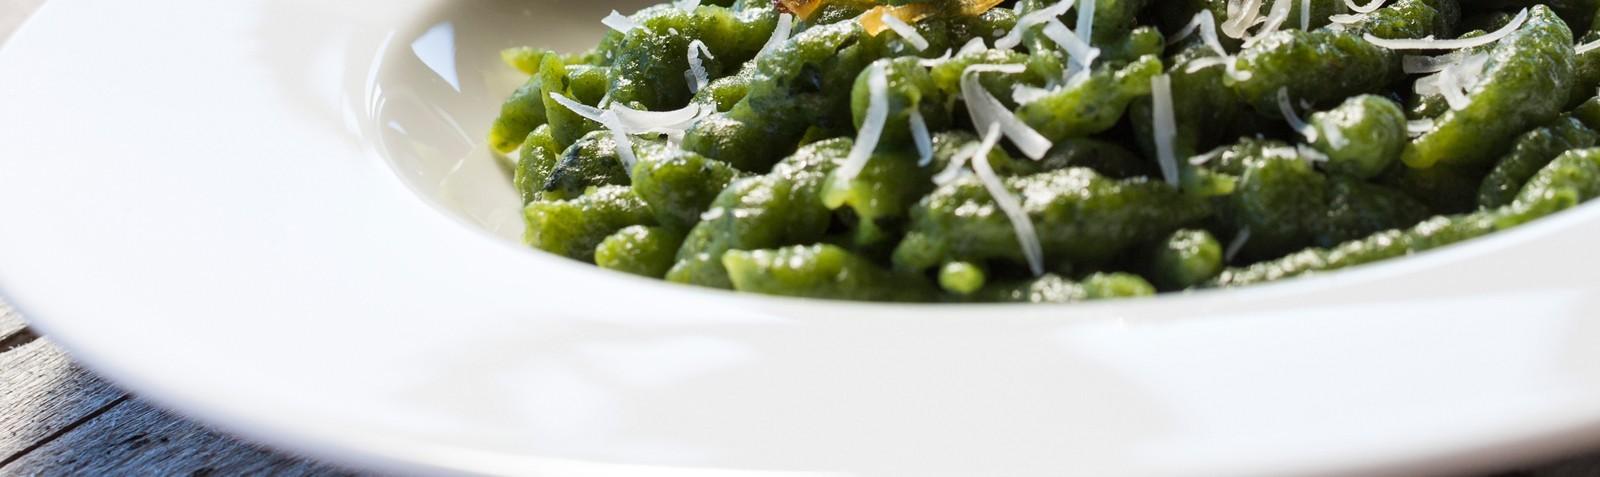 Südtiroler Vorspeisen: Knödel, Spätzle, Pasta, Polenta und Risotto